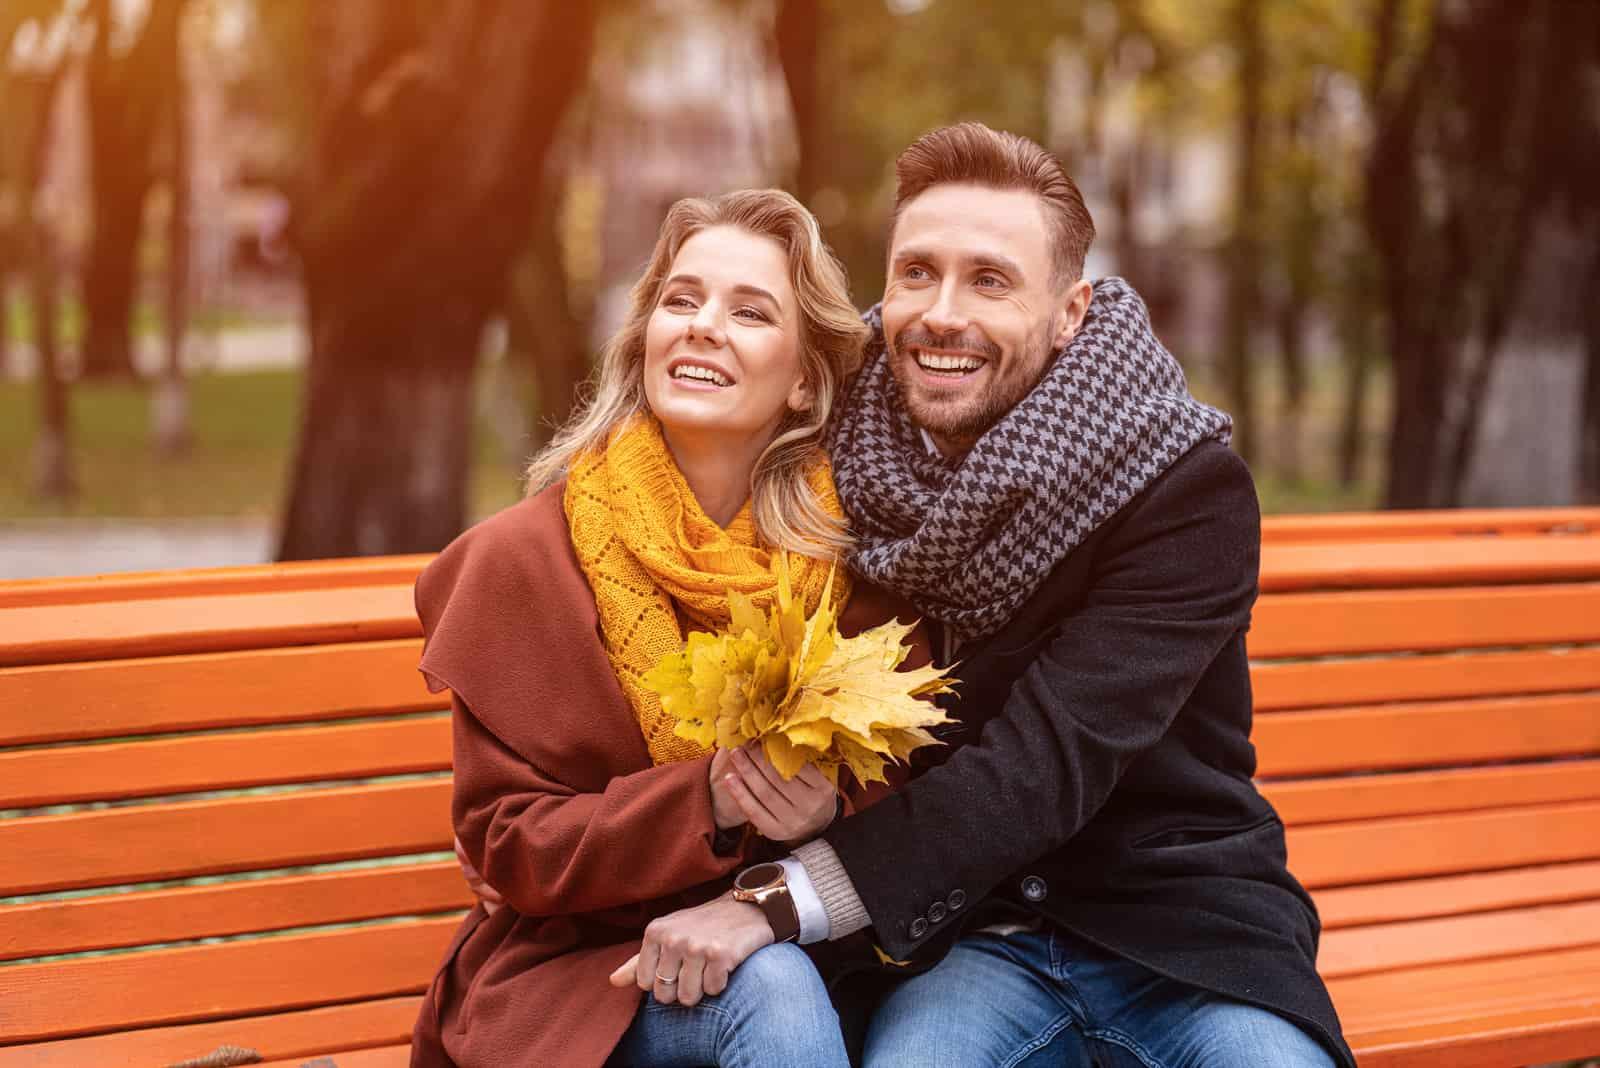 Ein glückliches Liebespaar sitzt auf einer Parkbank